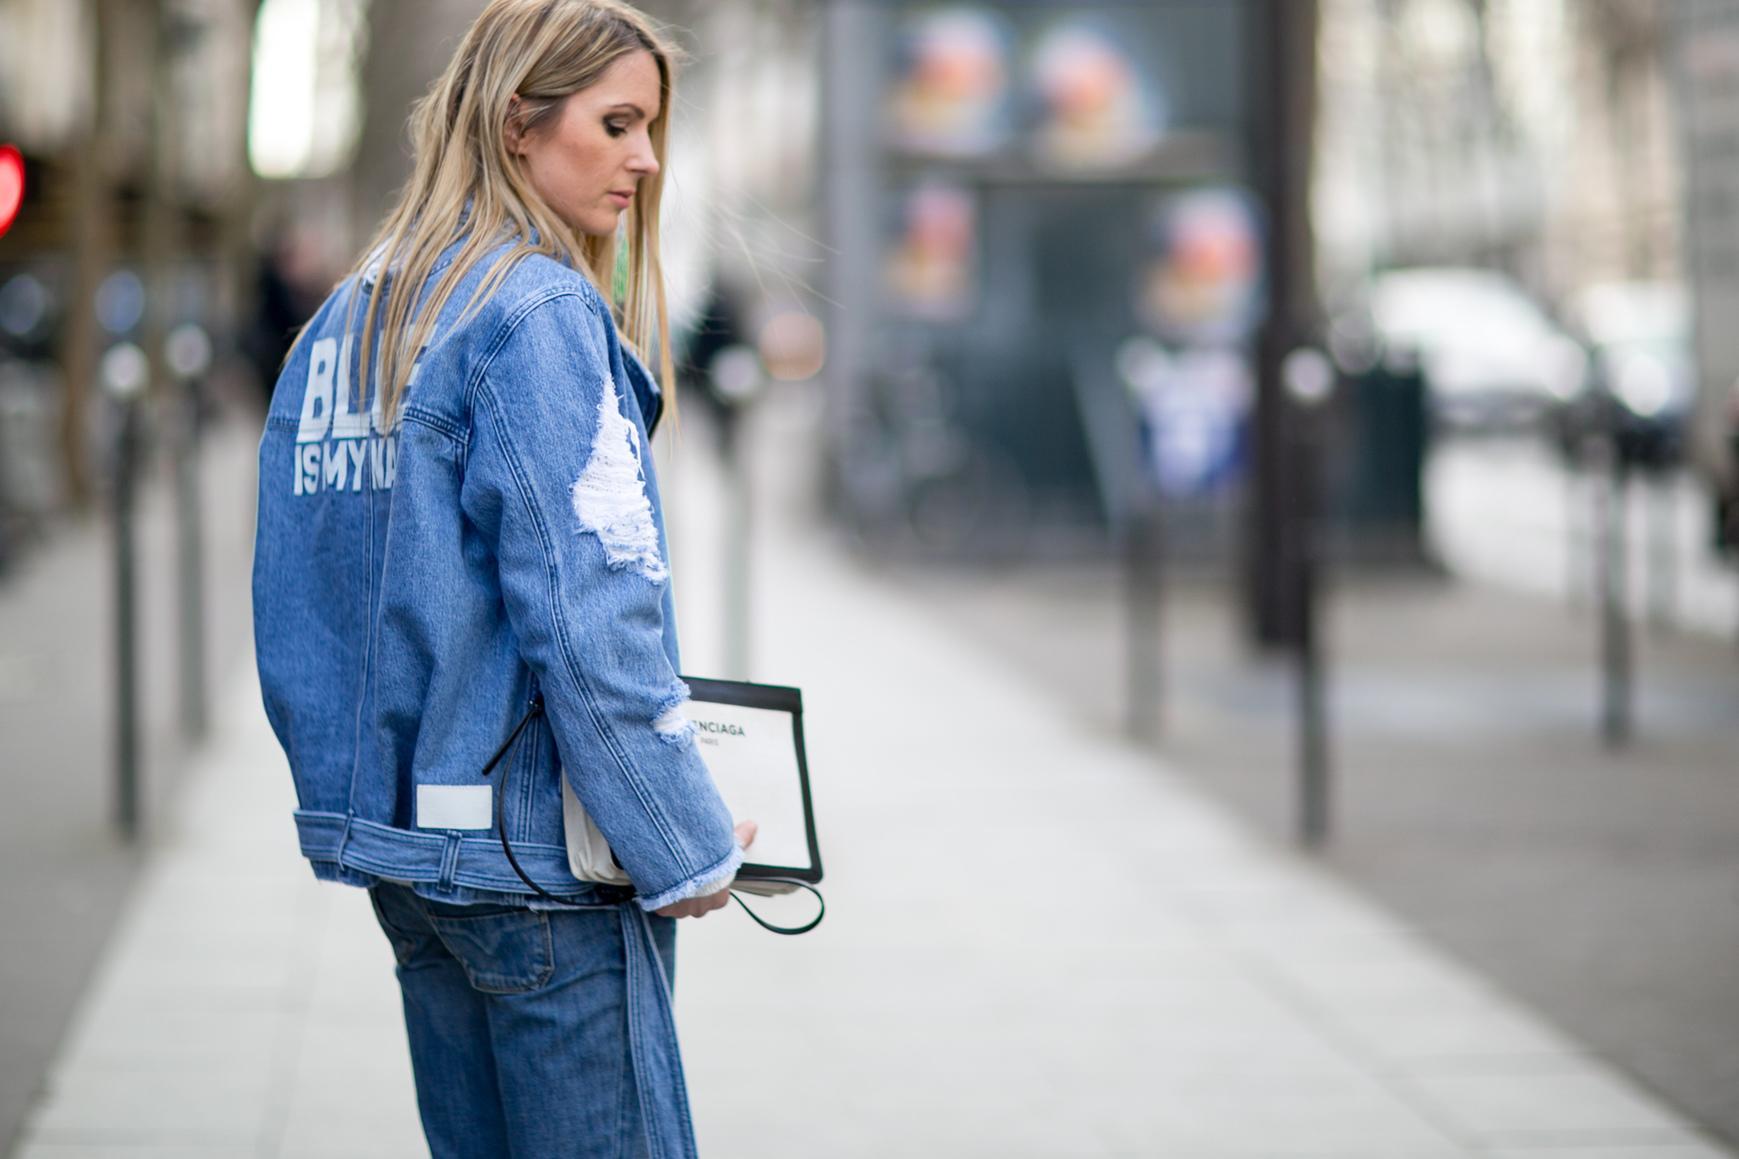 Comment porter la veste en jean ?